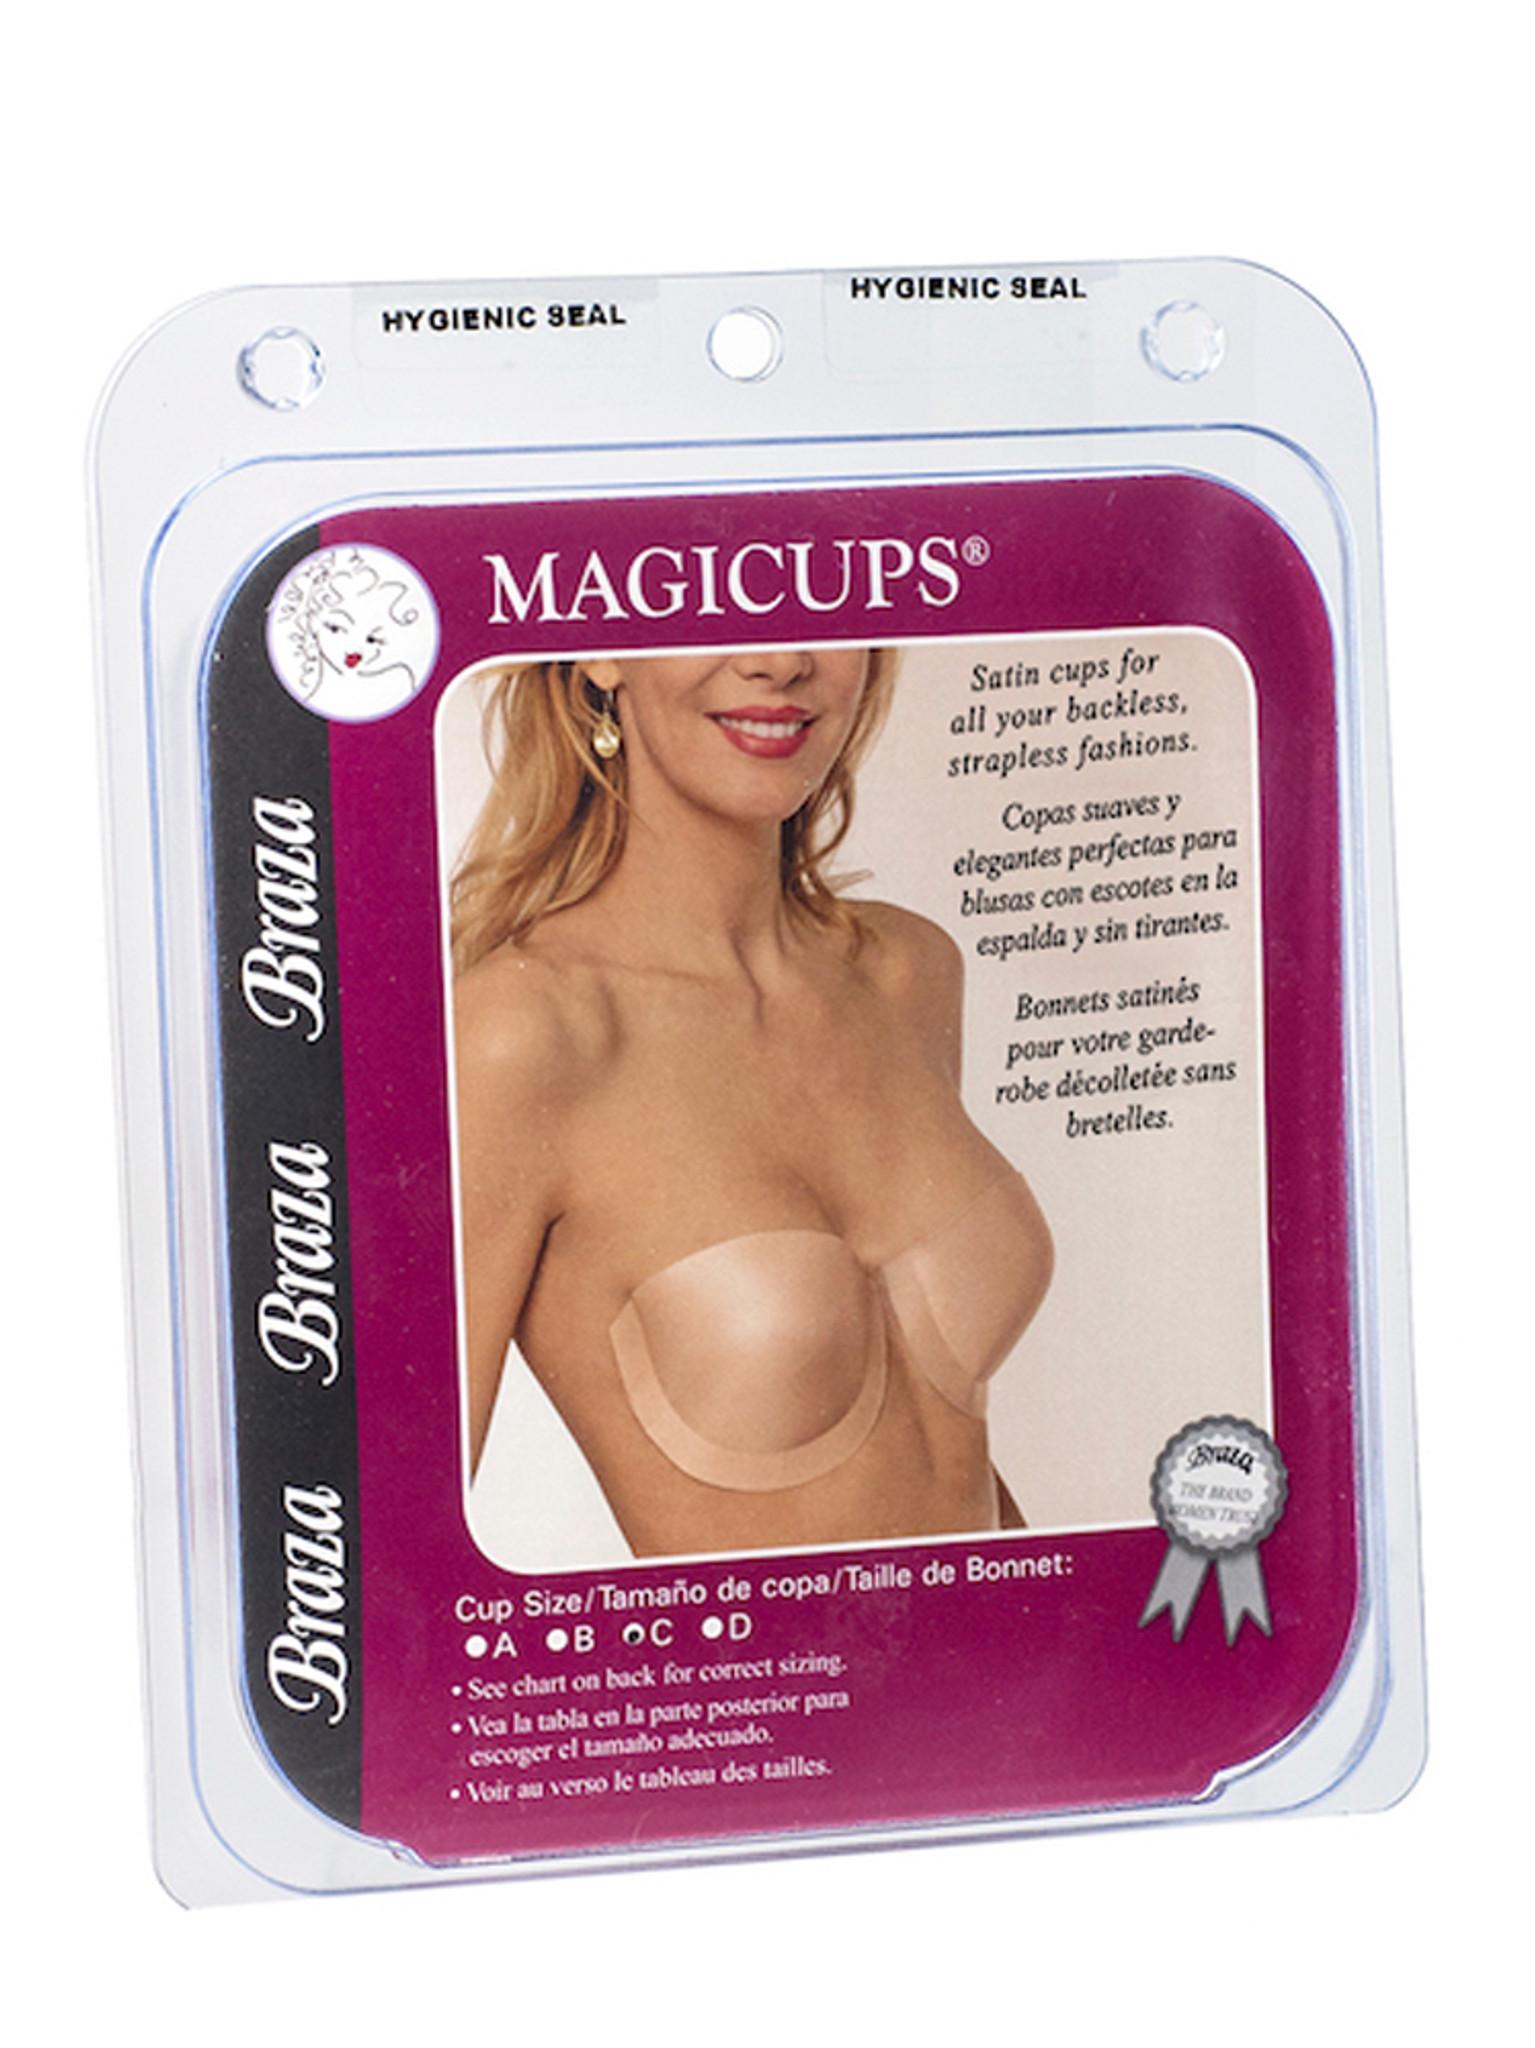 Magicups